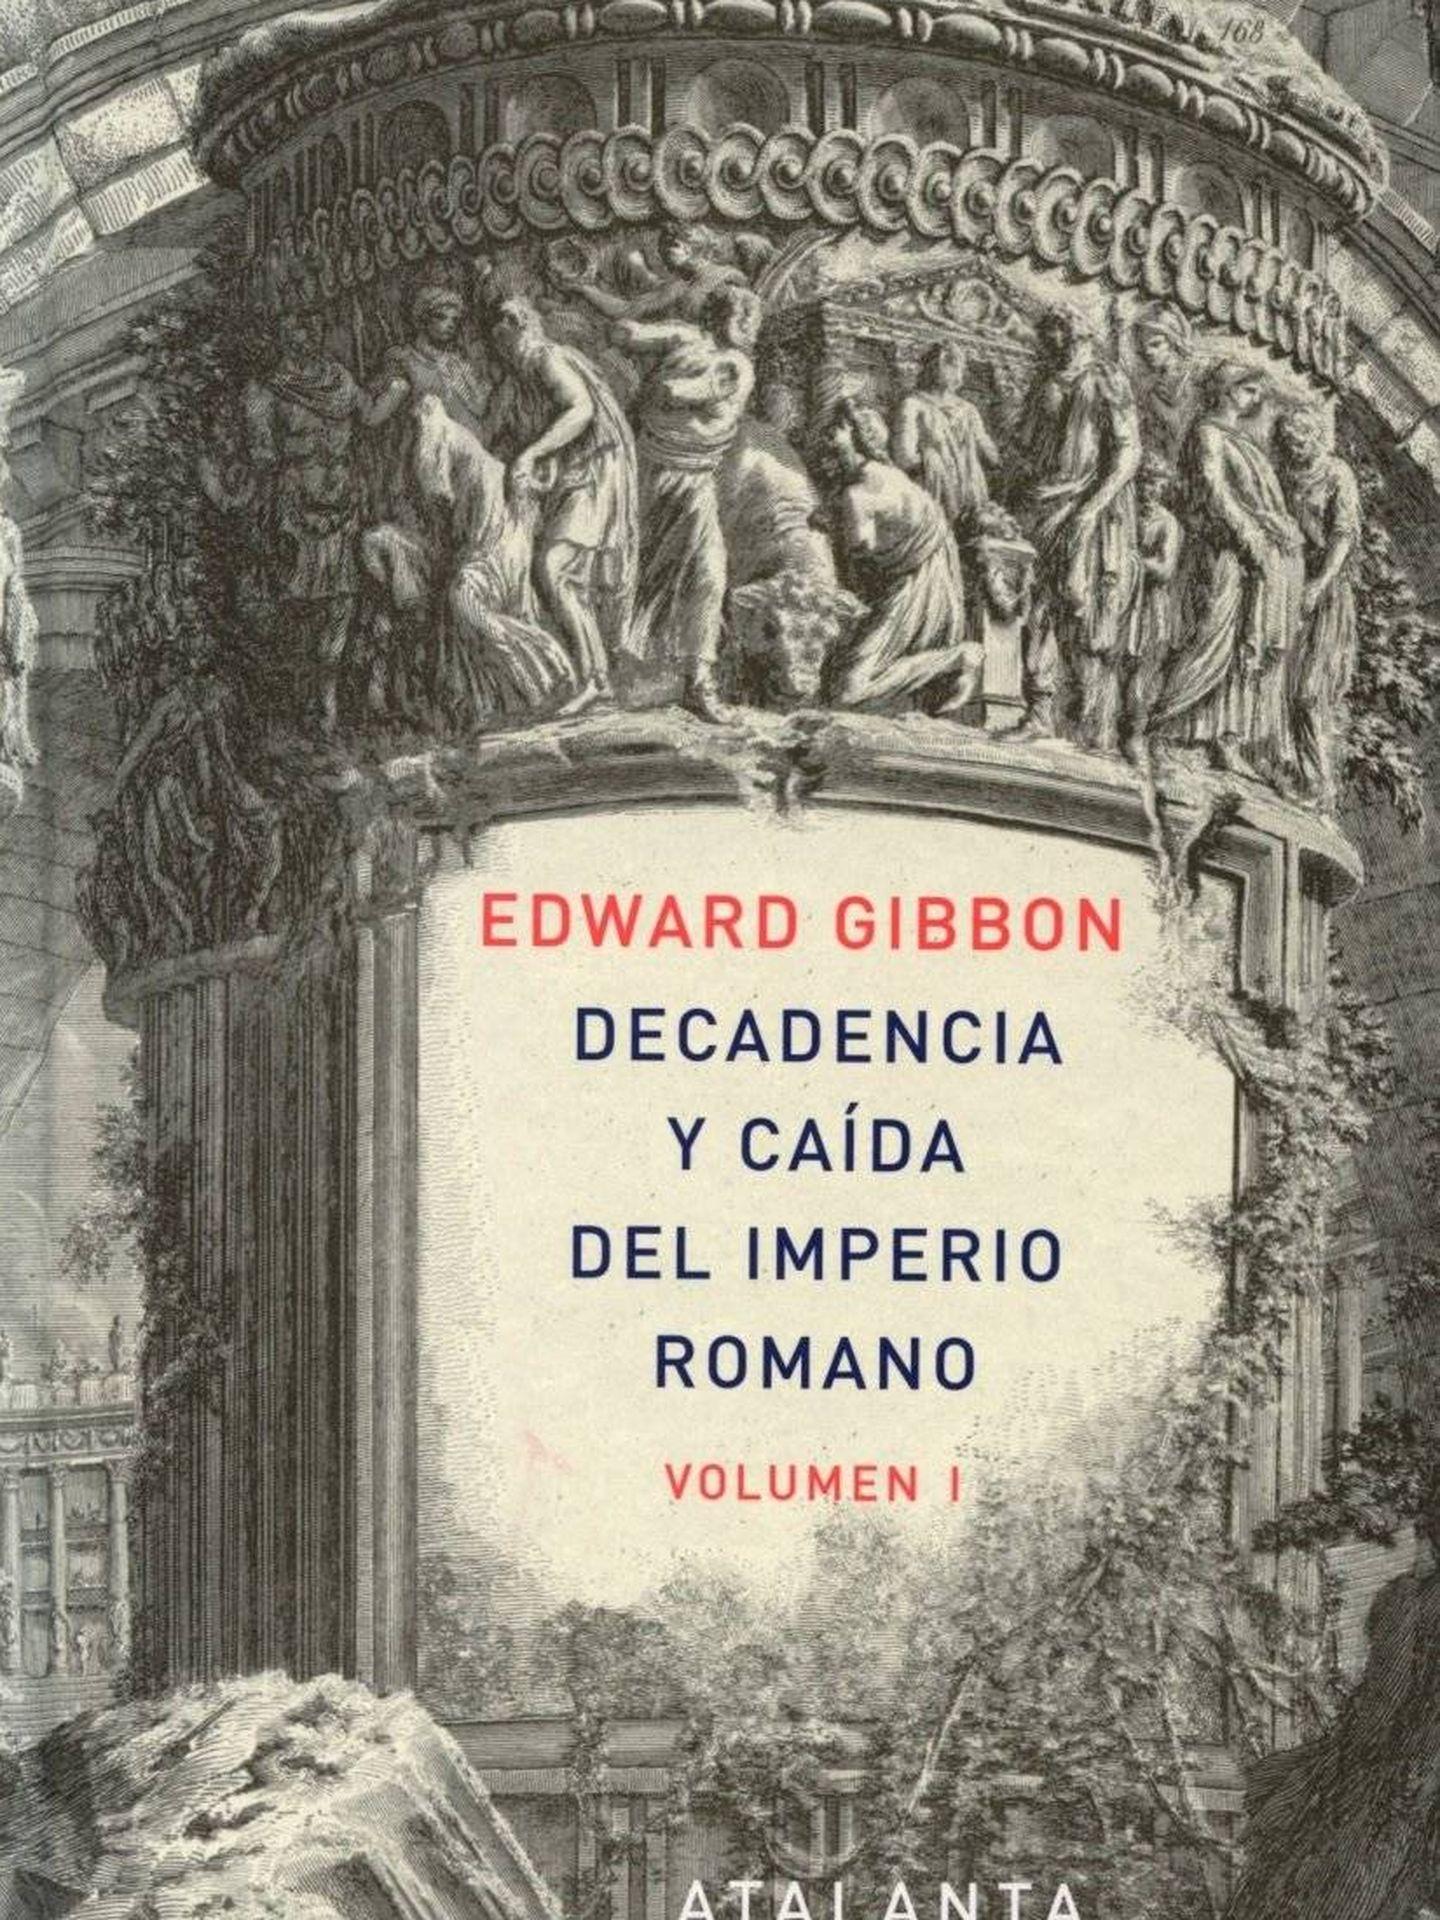 'Decadencia y caída del Imperio Romano'